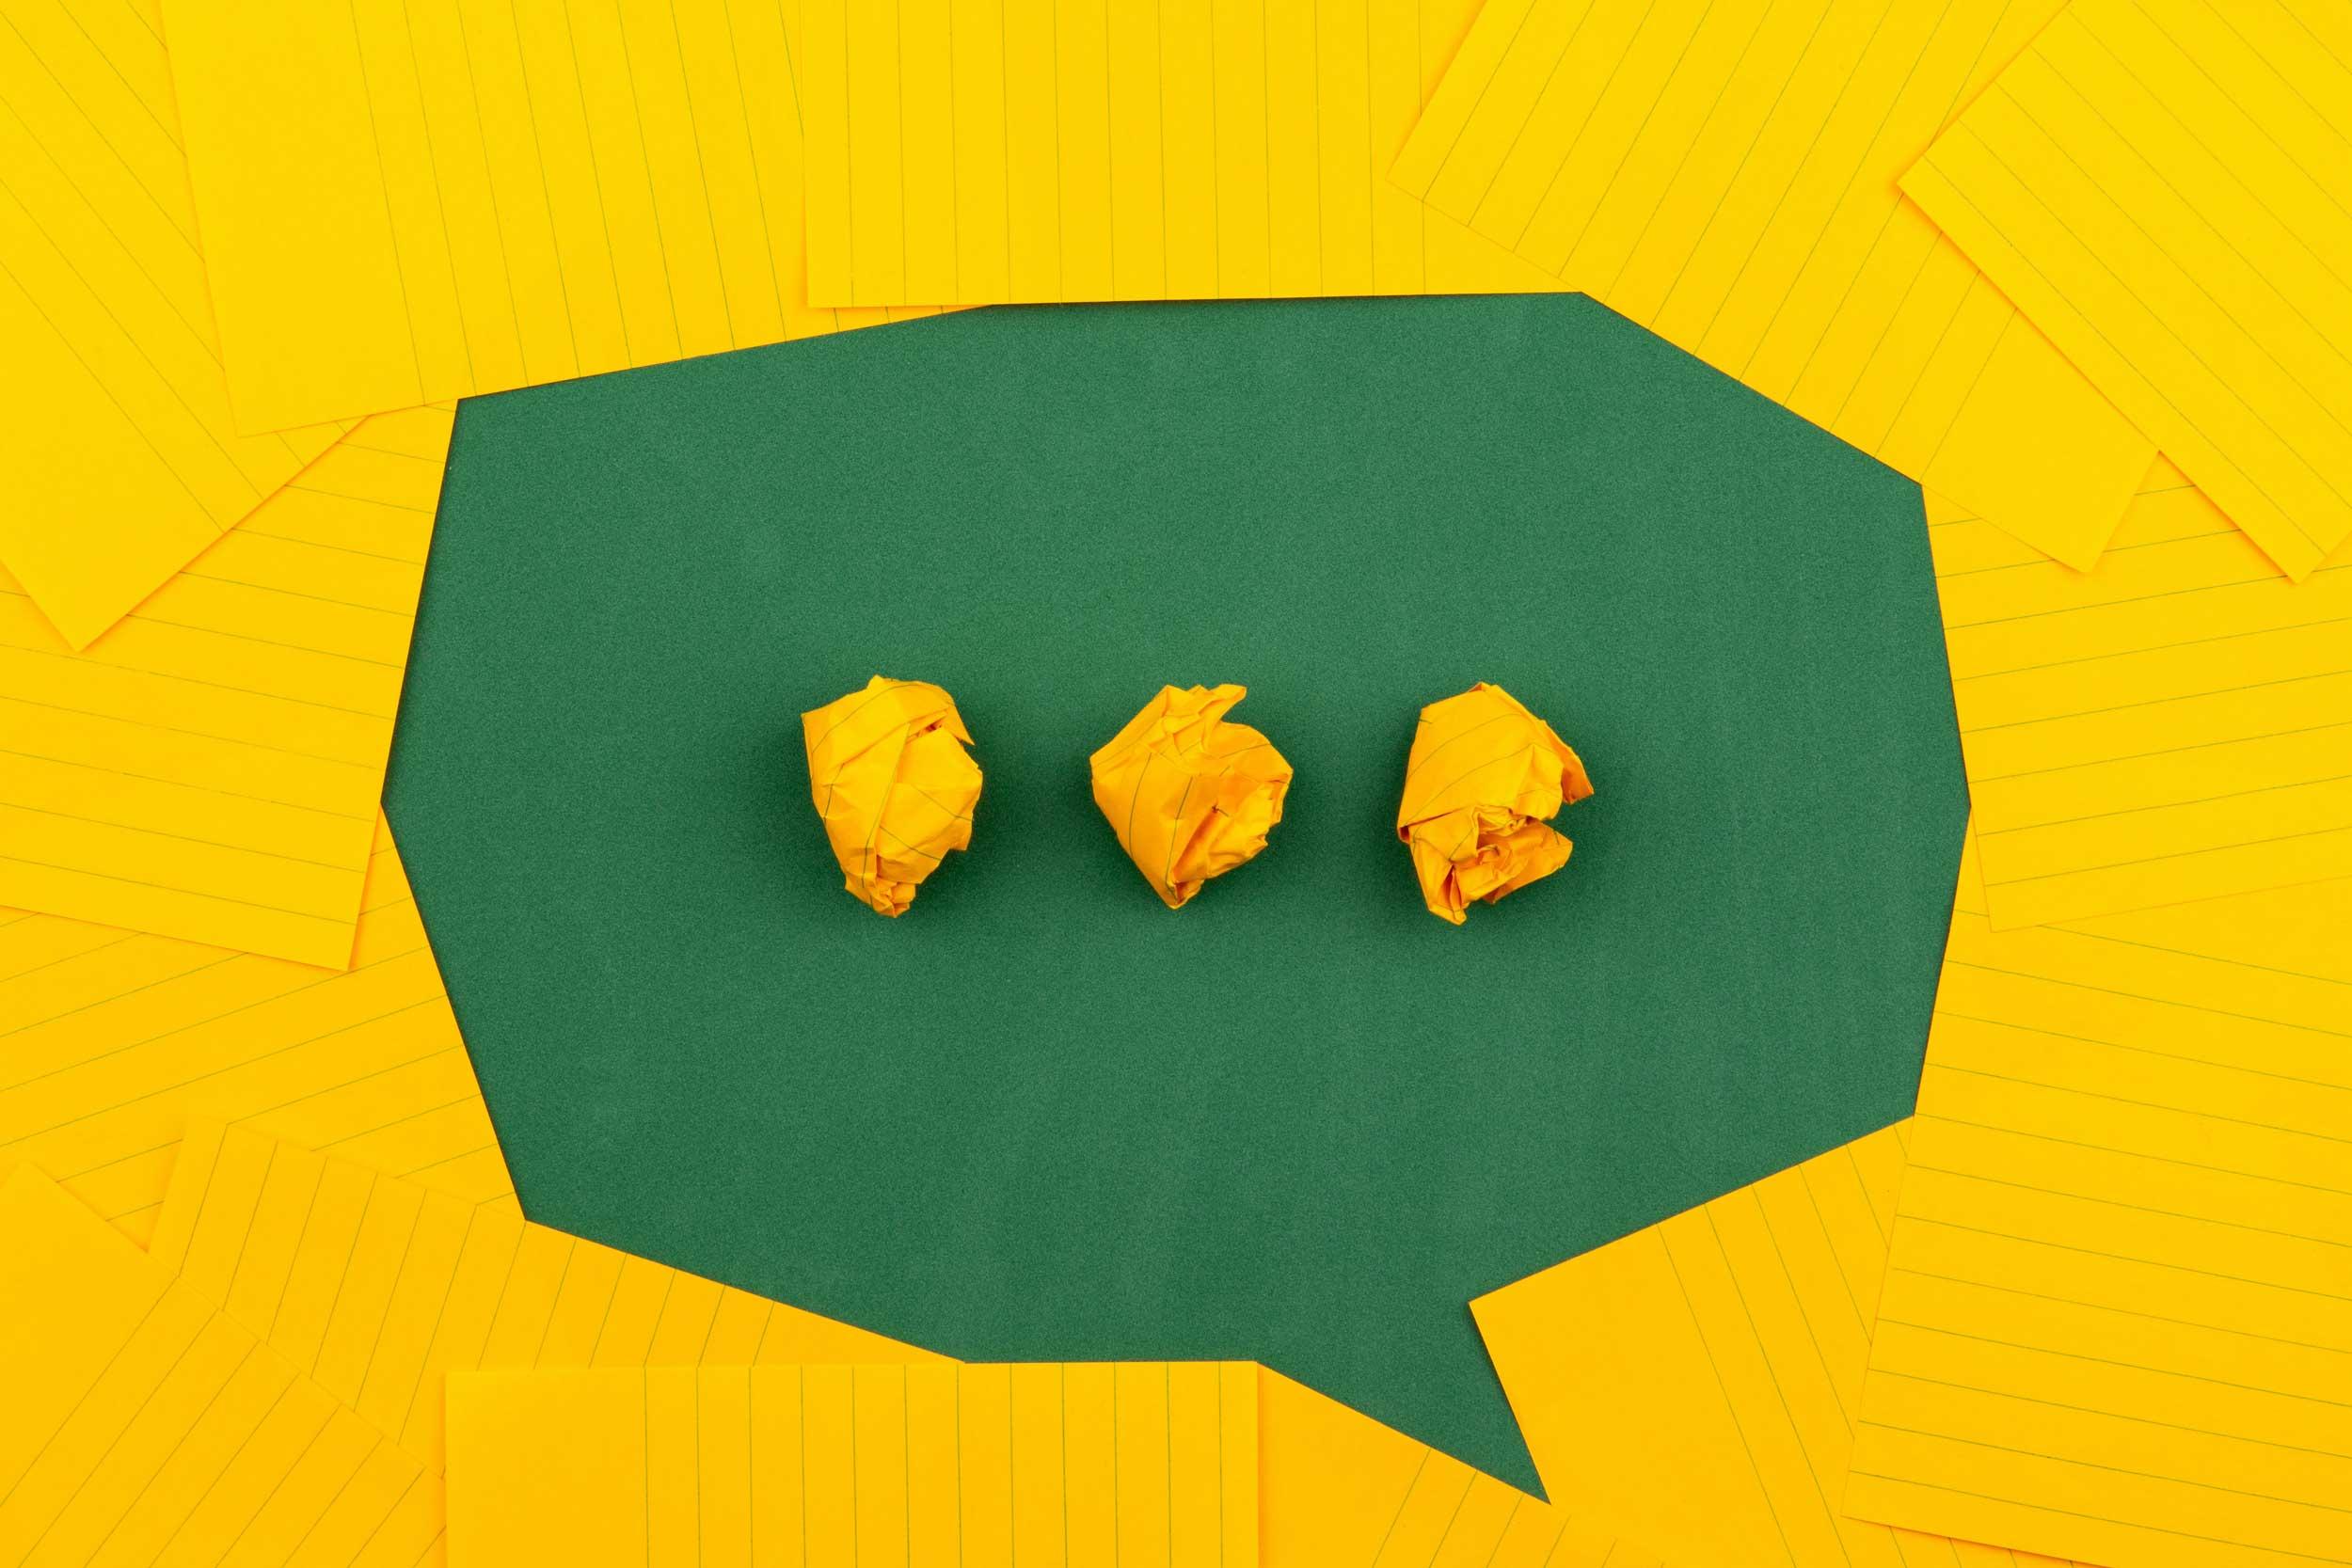 Conversational AI: Wie funktioniert Sprachverarbeitung?